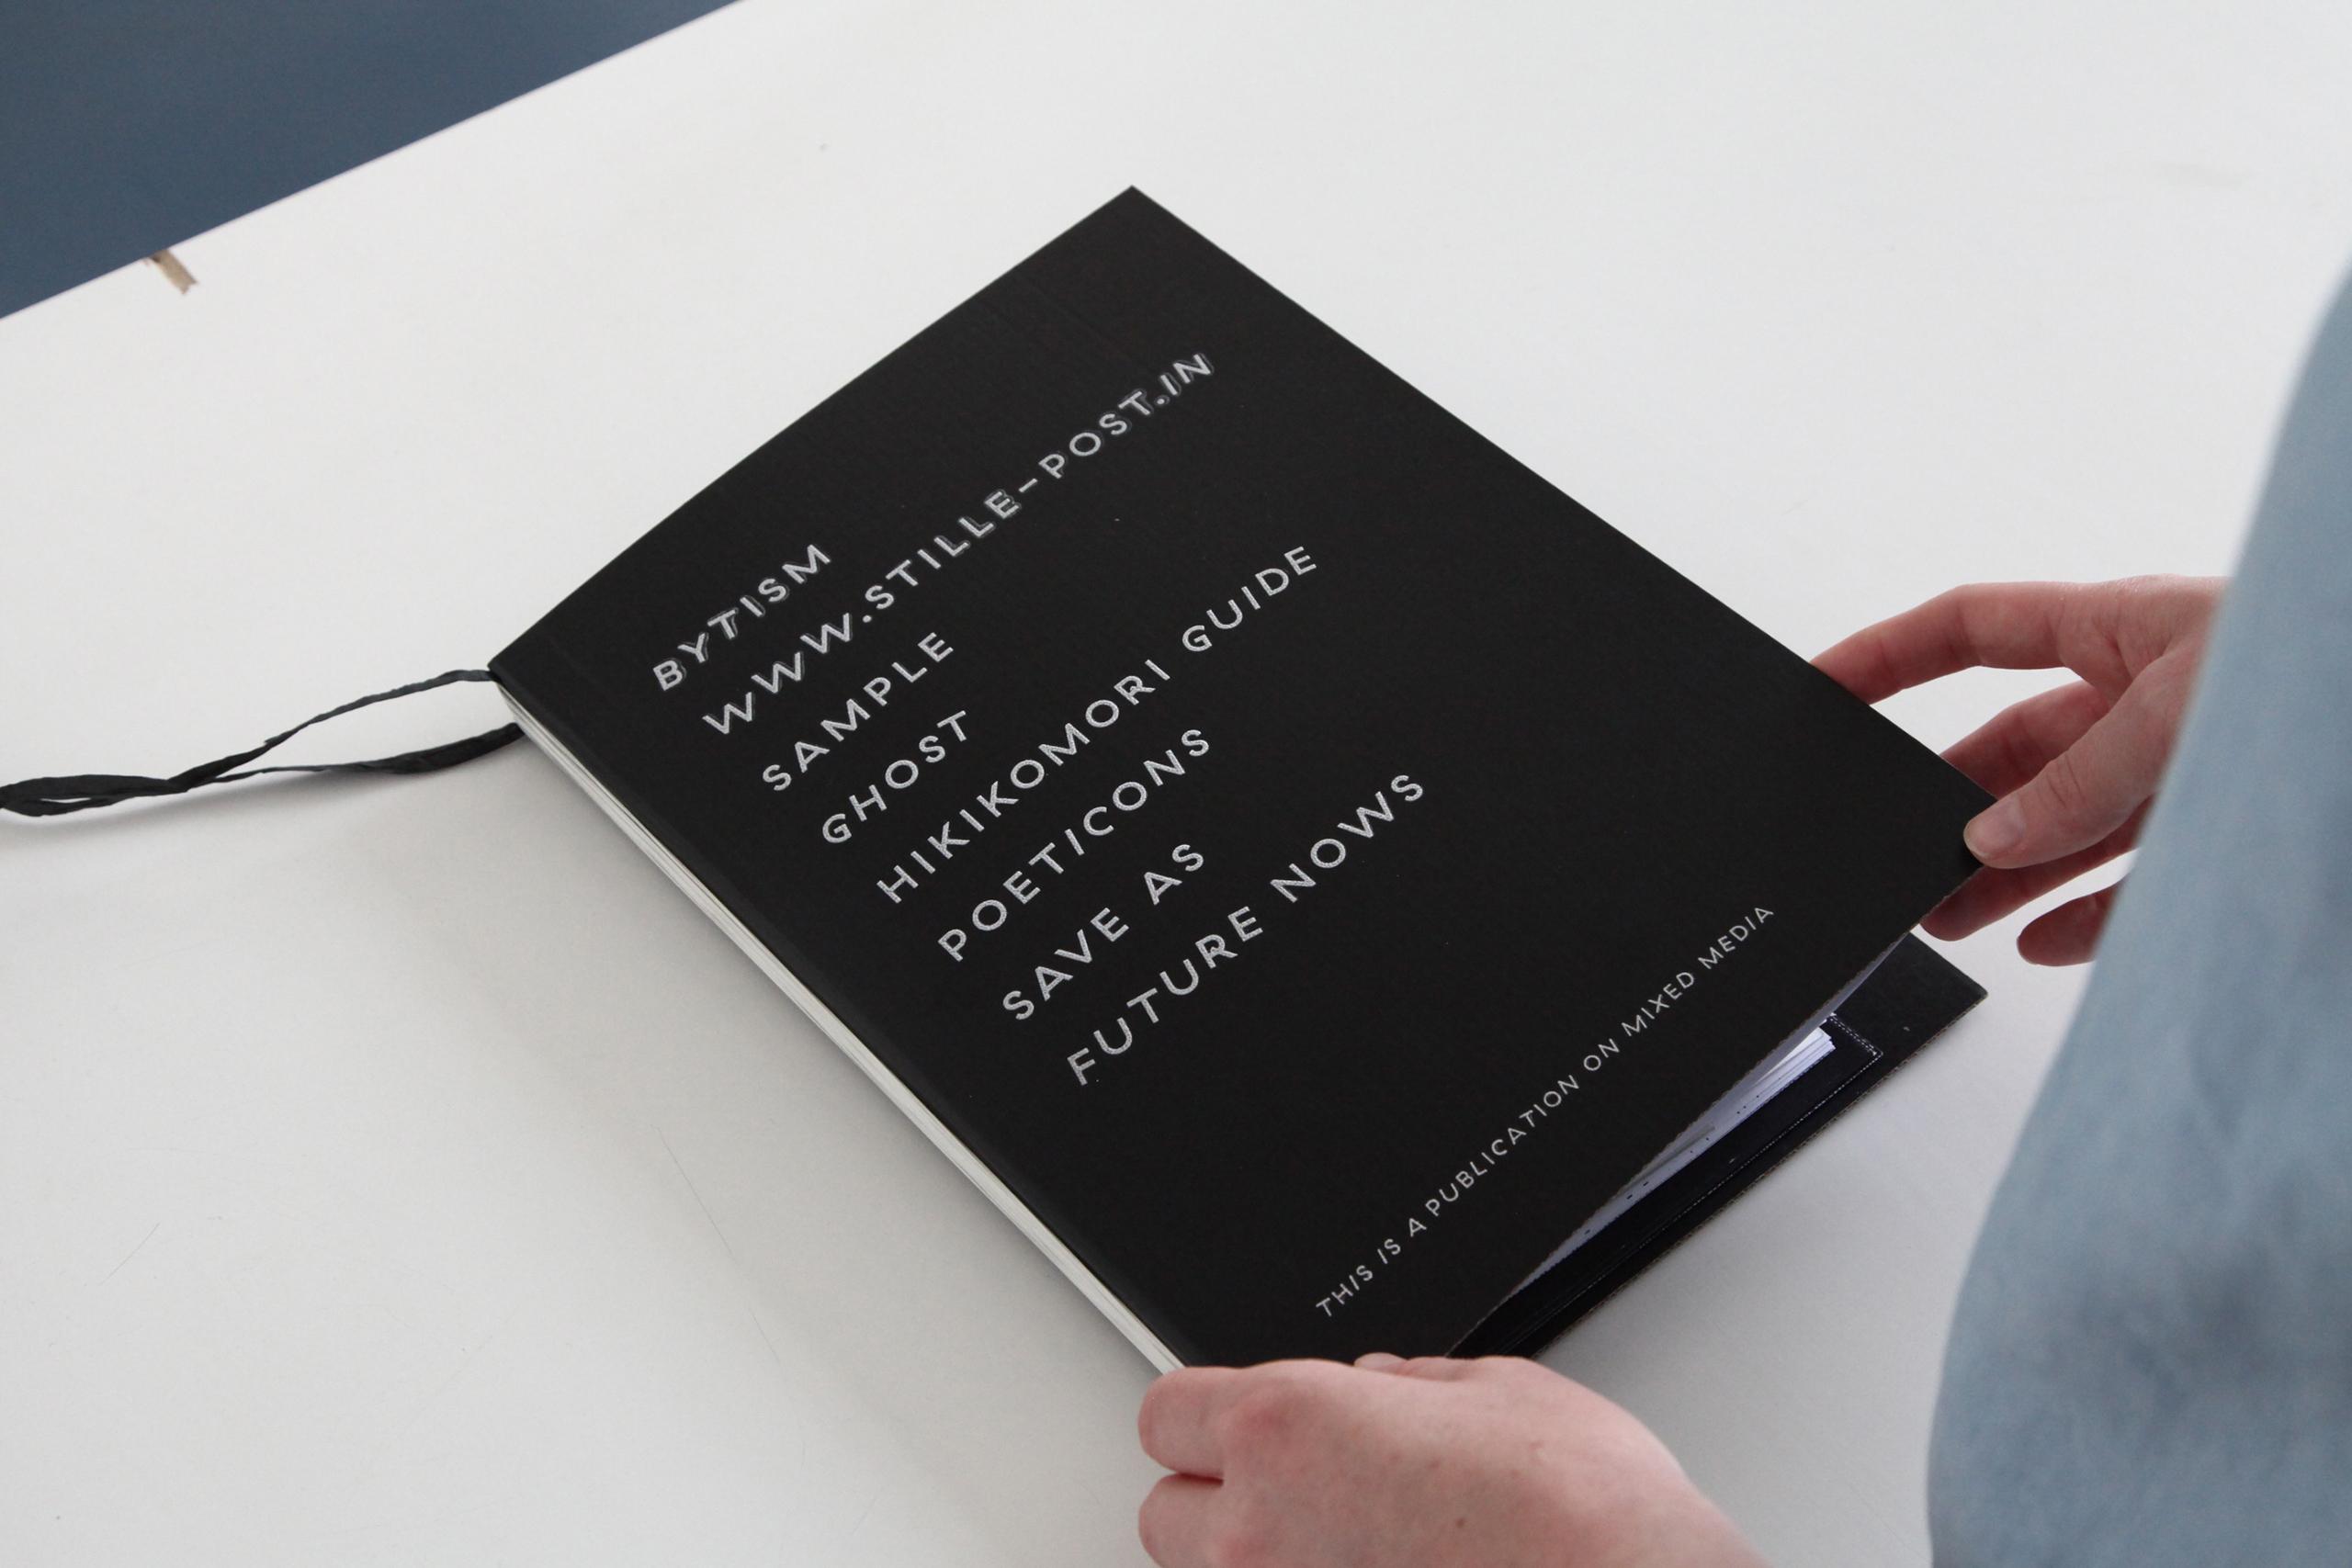 Die Zukunft der Speichermedien Datensicherung mixed media installation Buchgestaltung Publikation Seibdruck